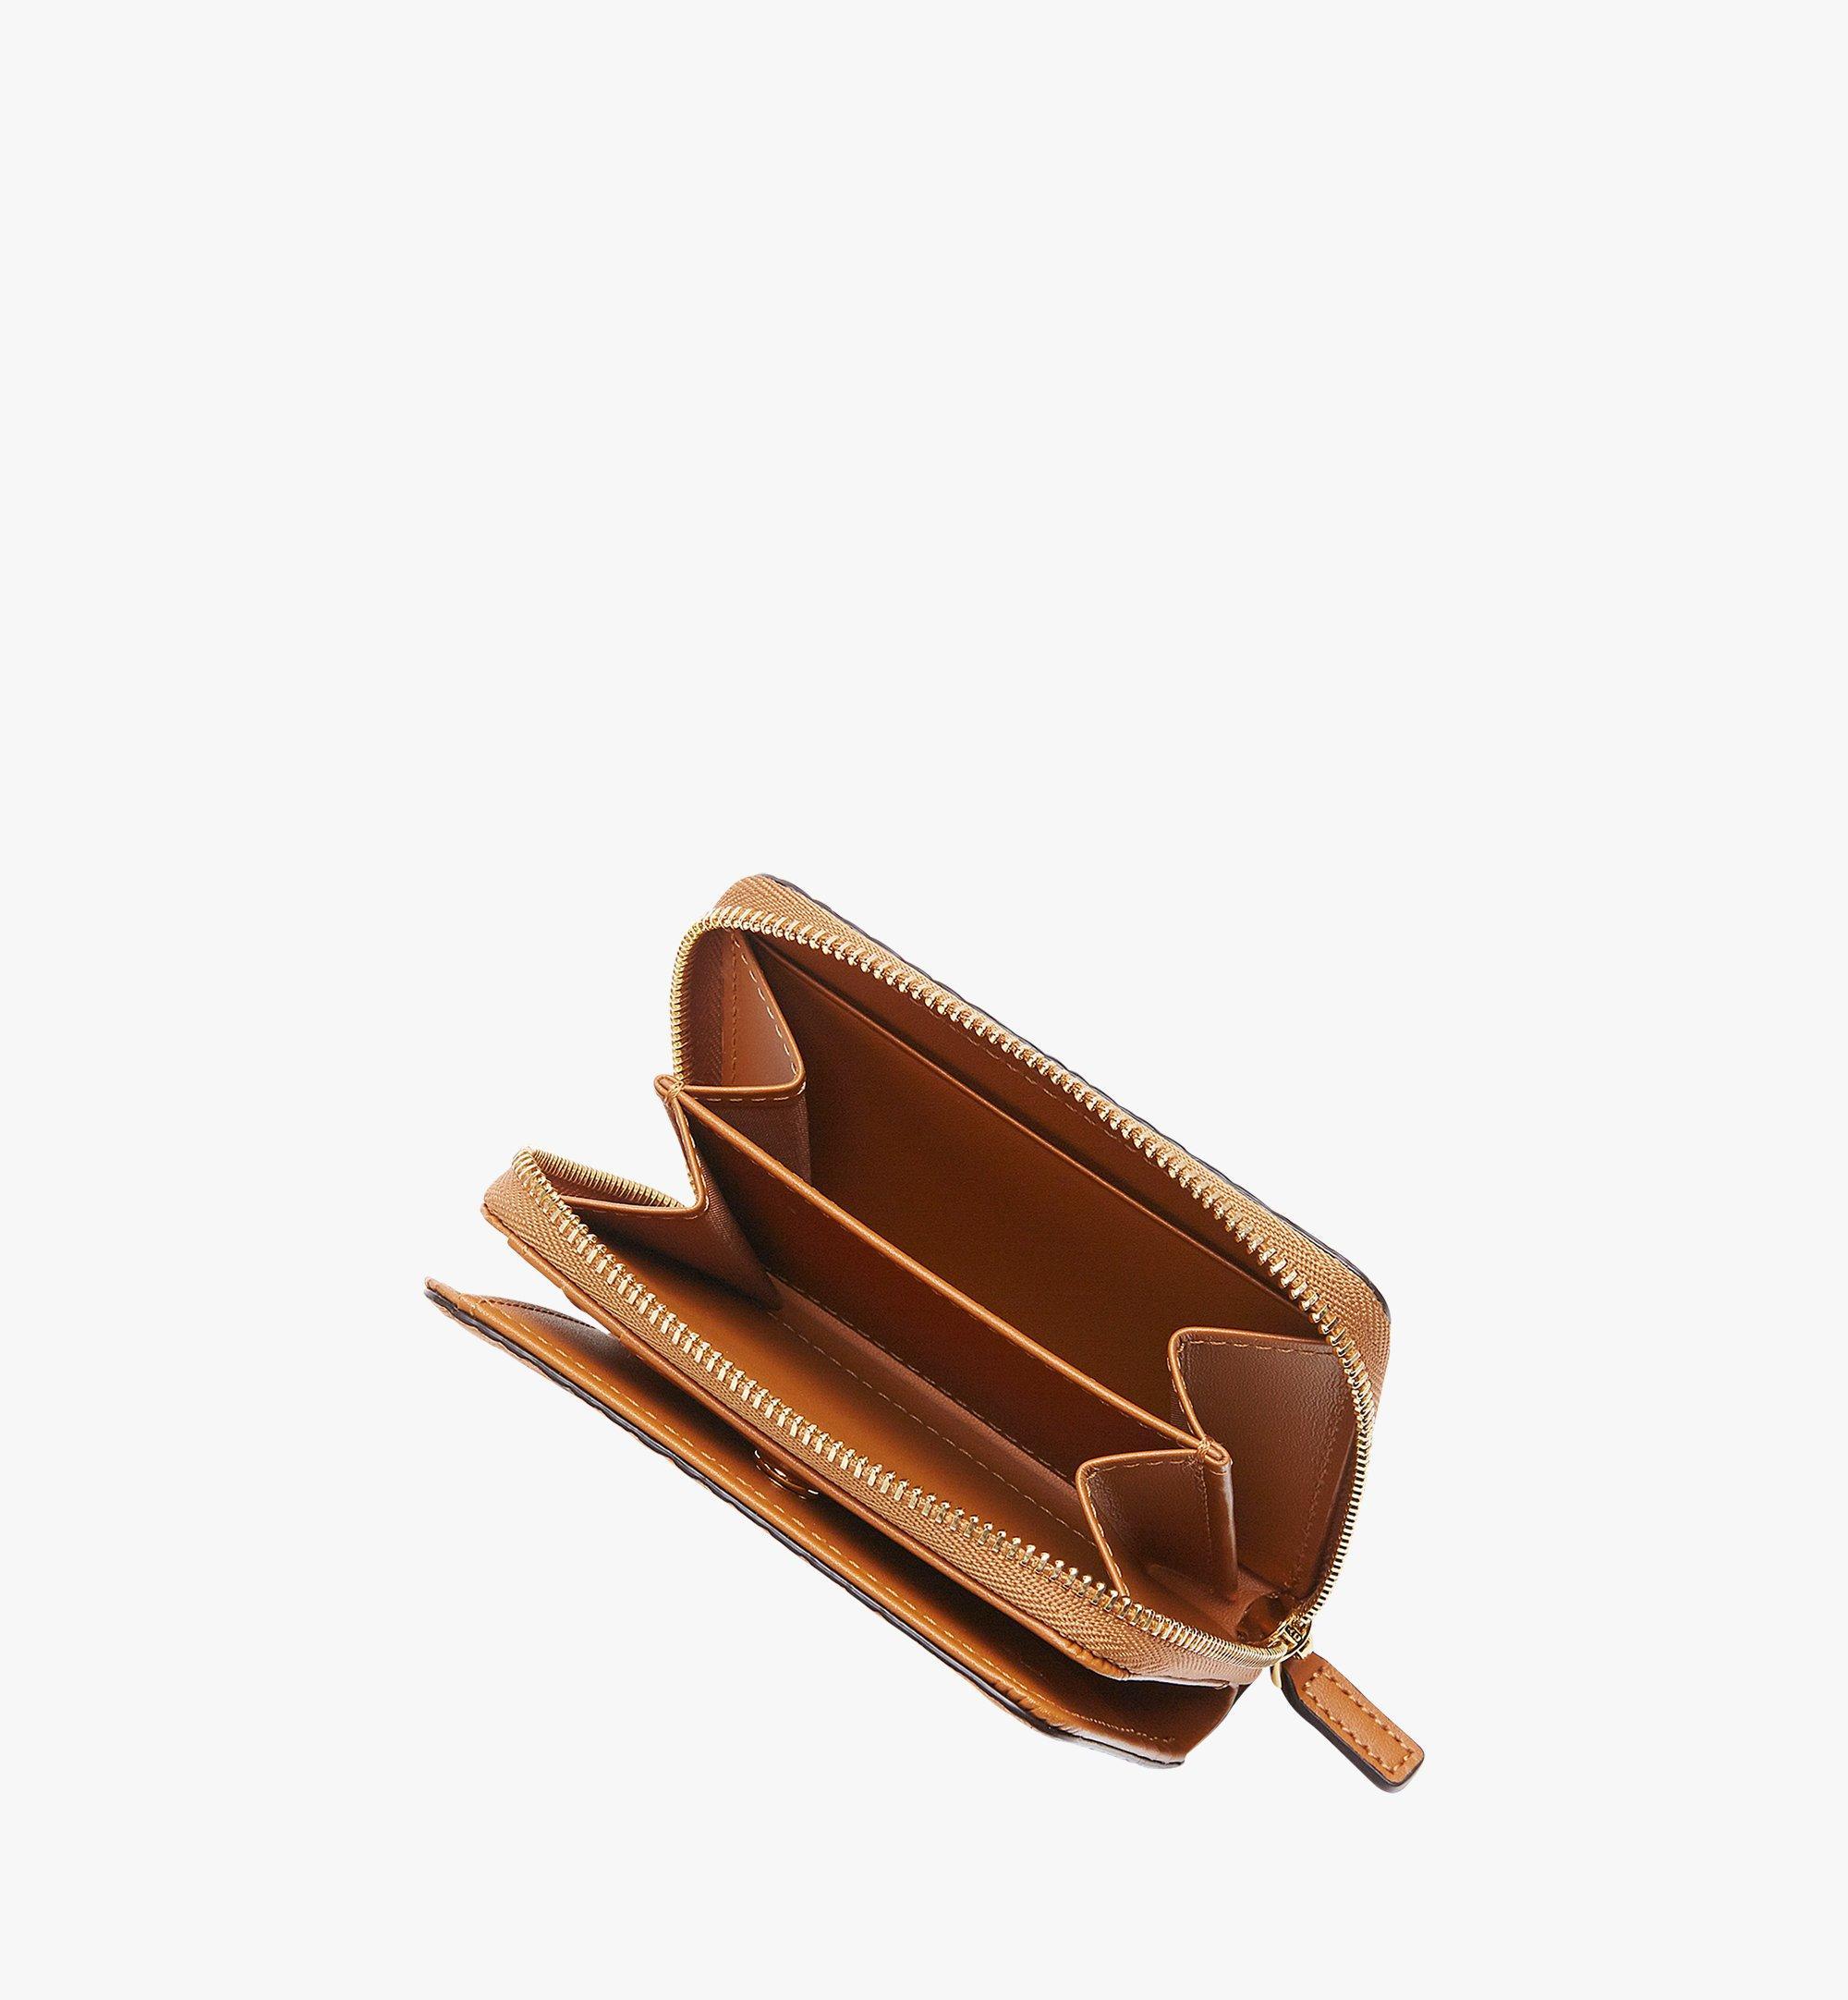 MCM Original Brieftasche mit Rundum-Reißverschluss in Visetos Cognac MYS8SVI95CO001 Noch mehr sehen 4